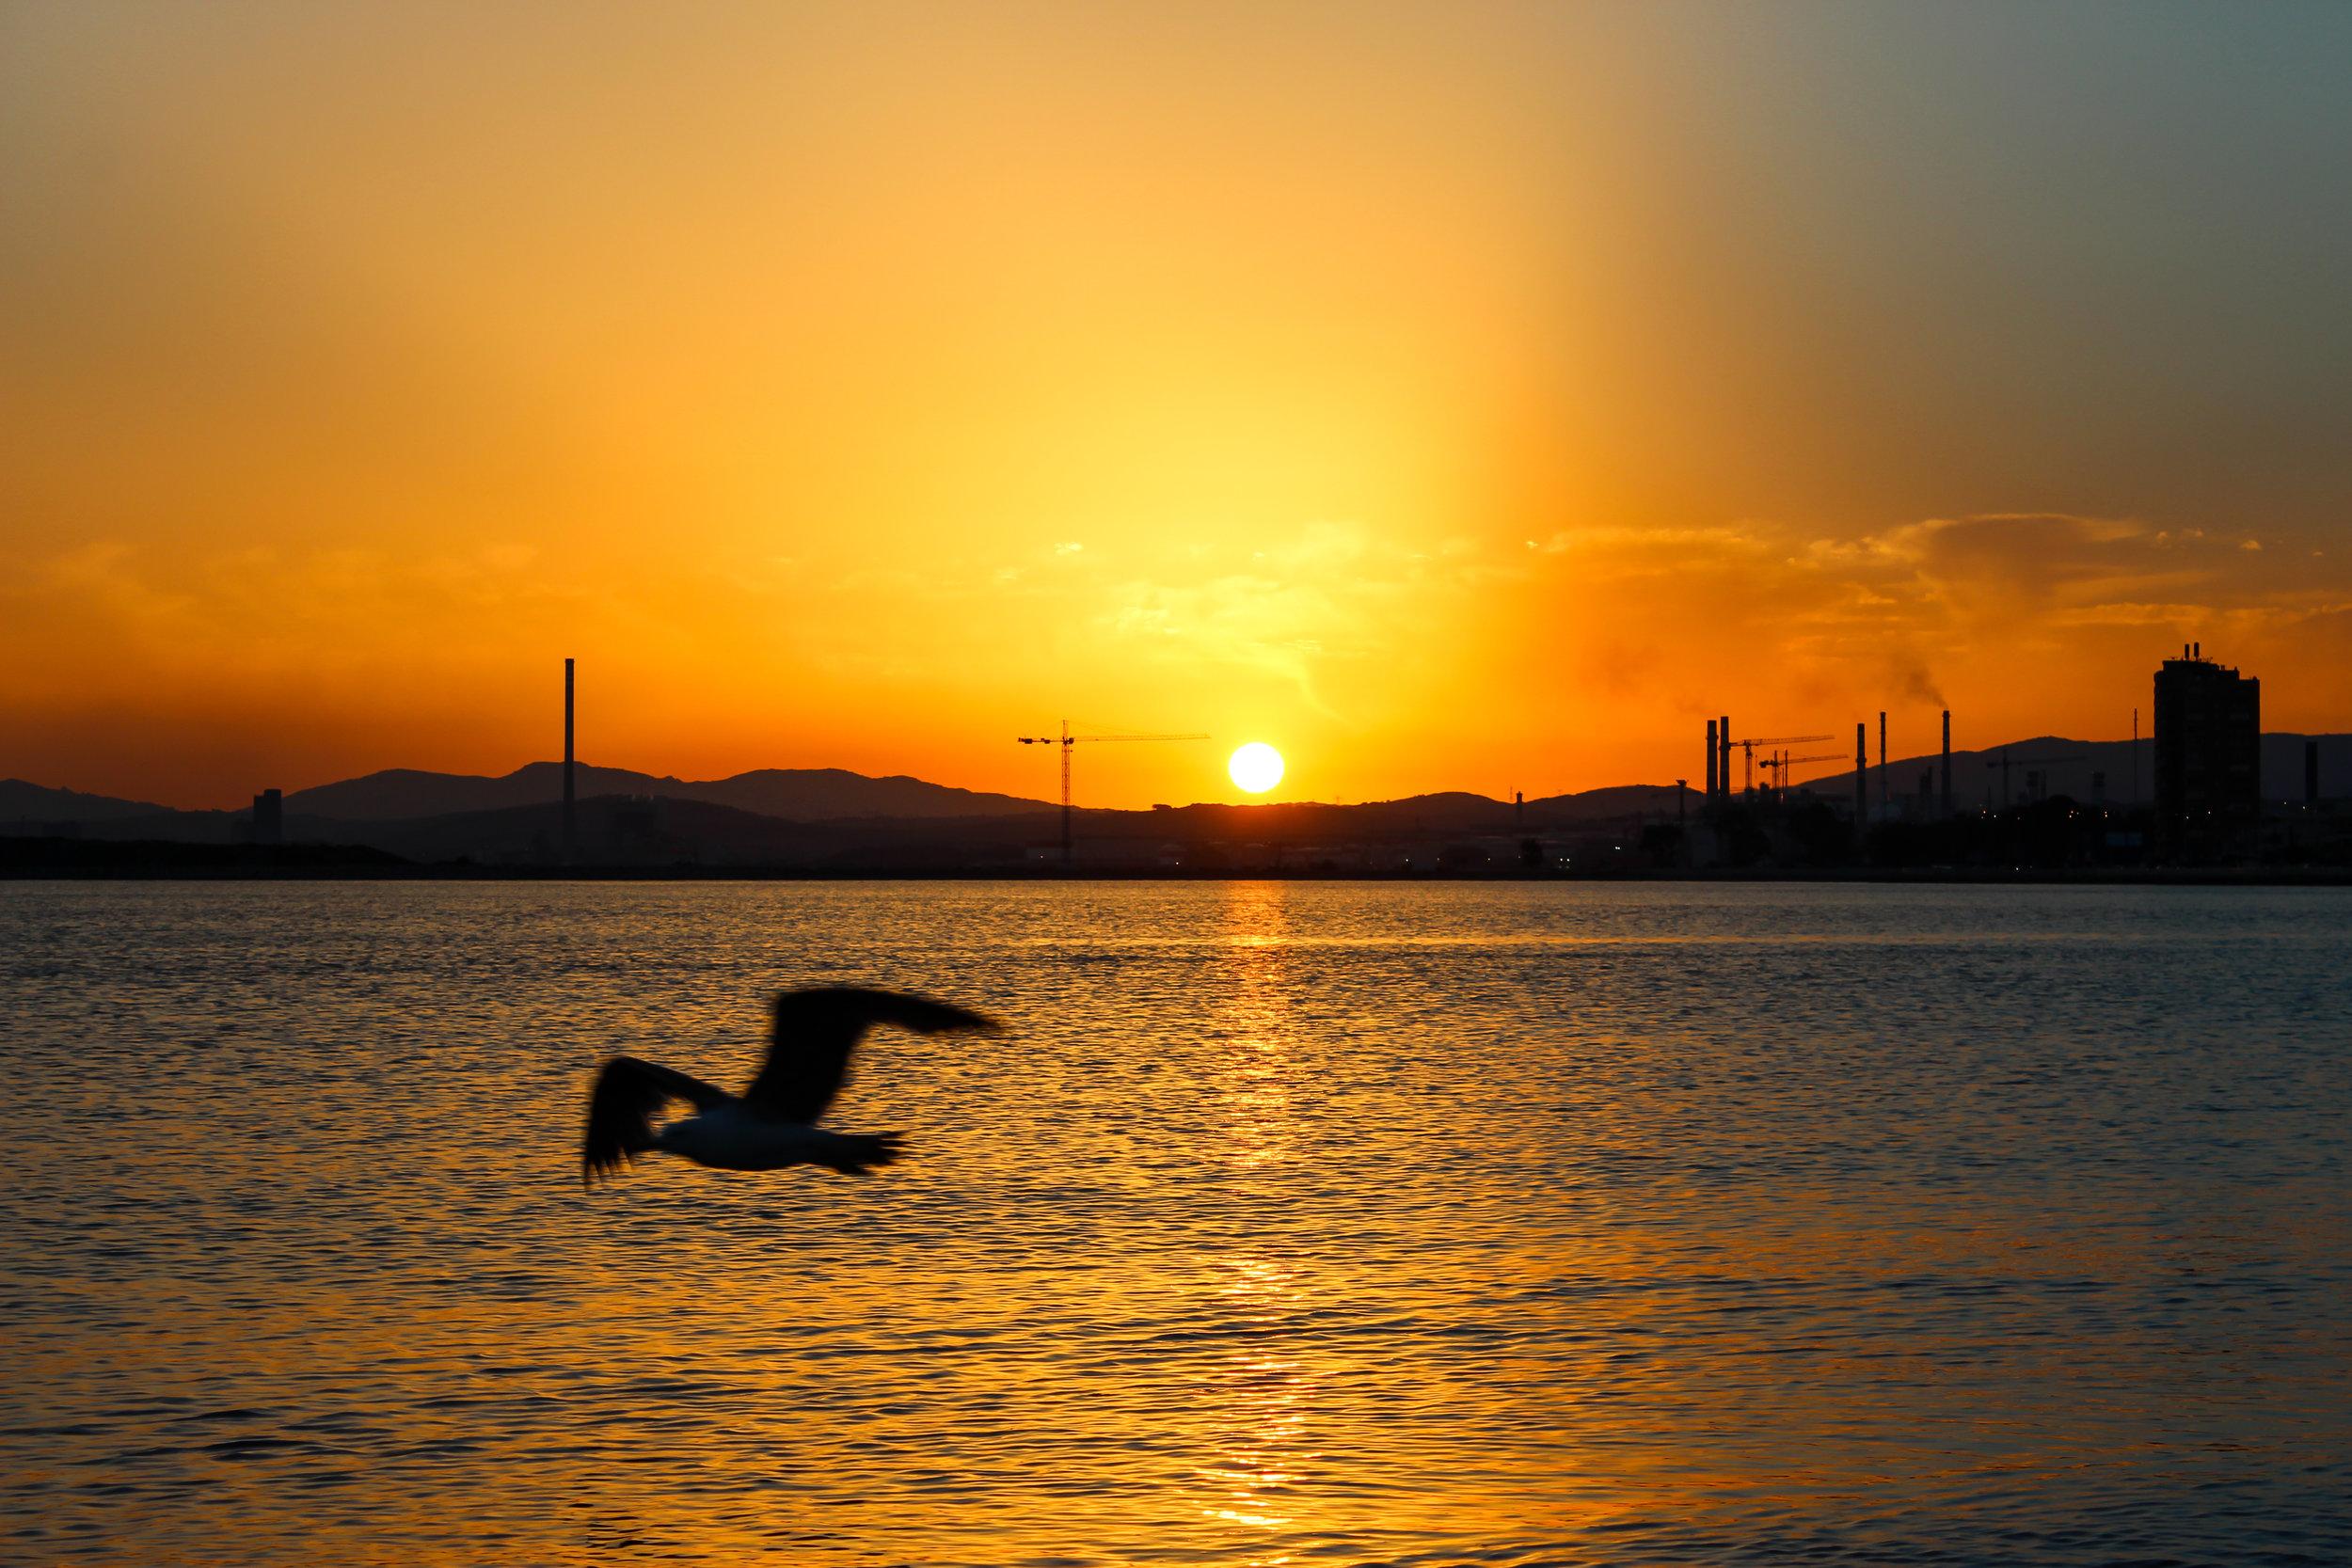 Port of Algeciras, La Linea de la Concepcion, Playa de Poniente,Mediterranean Sea ,  Andalusia, Spain, Europe | www.DoLessGetMoreDone.com |